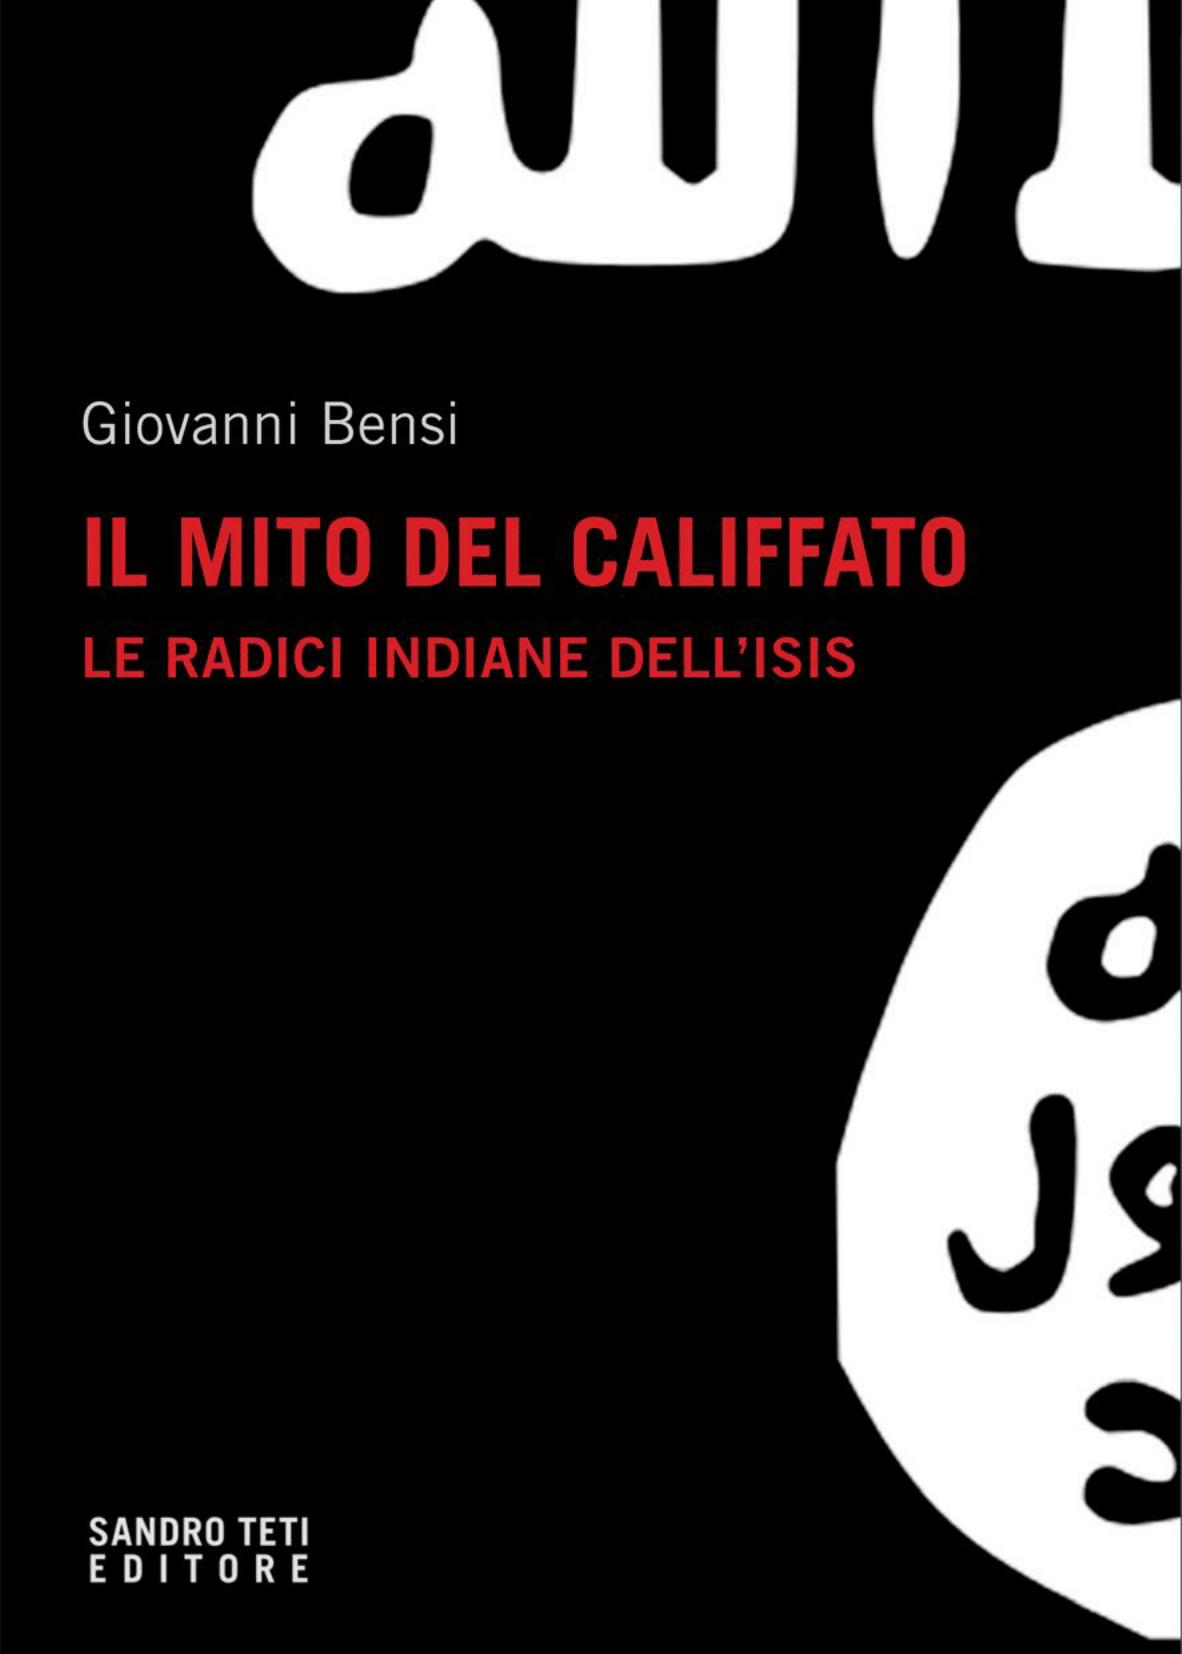 Giovanni BensiIl mito del califfato. Le radici indiane dell'Isisnovità 2017